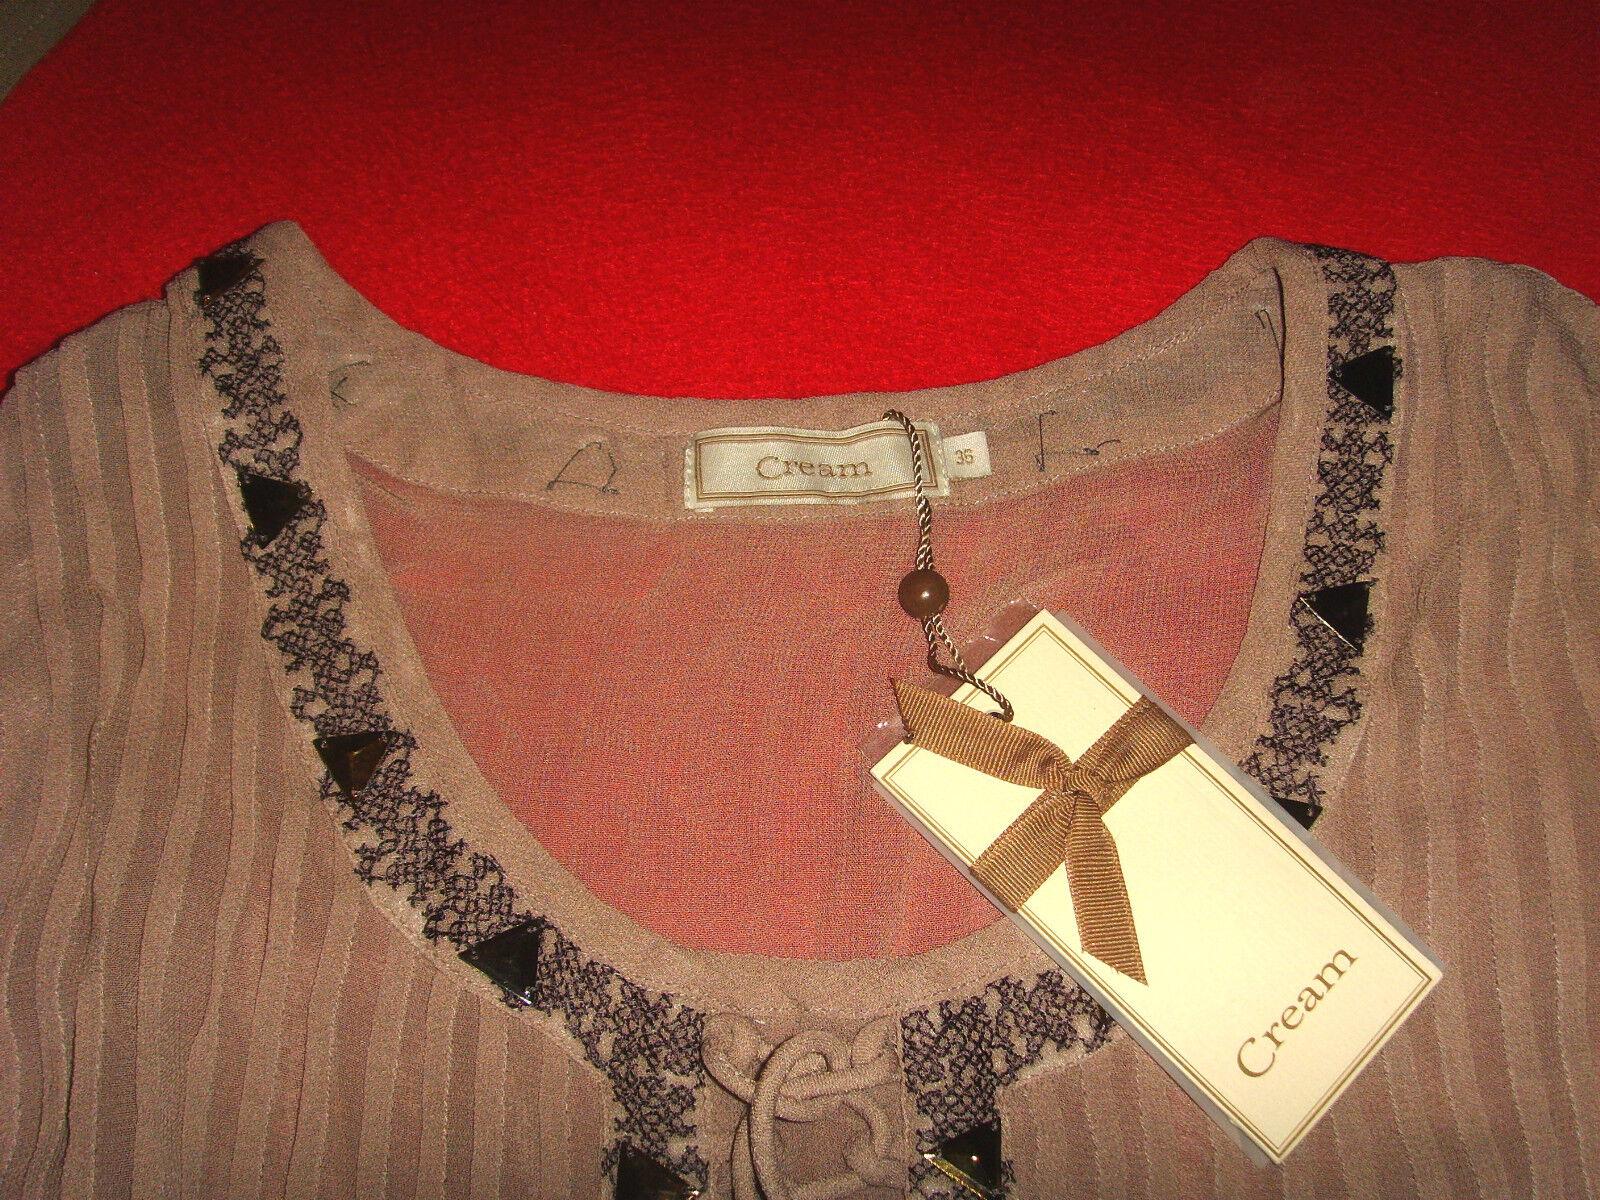 Cream Dk tunique chemisier rohommetique boho hippie 36 38 M Neuf avec étiquette    TOP